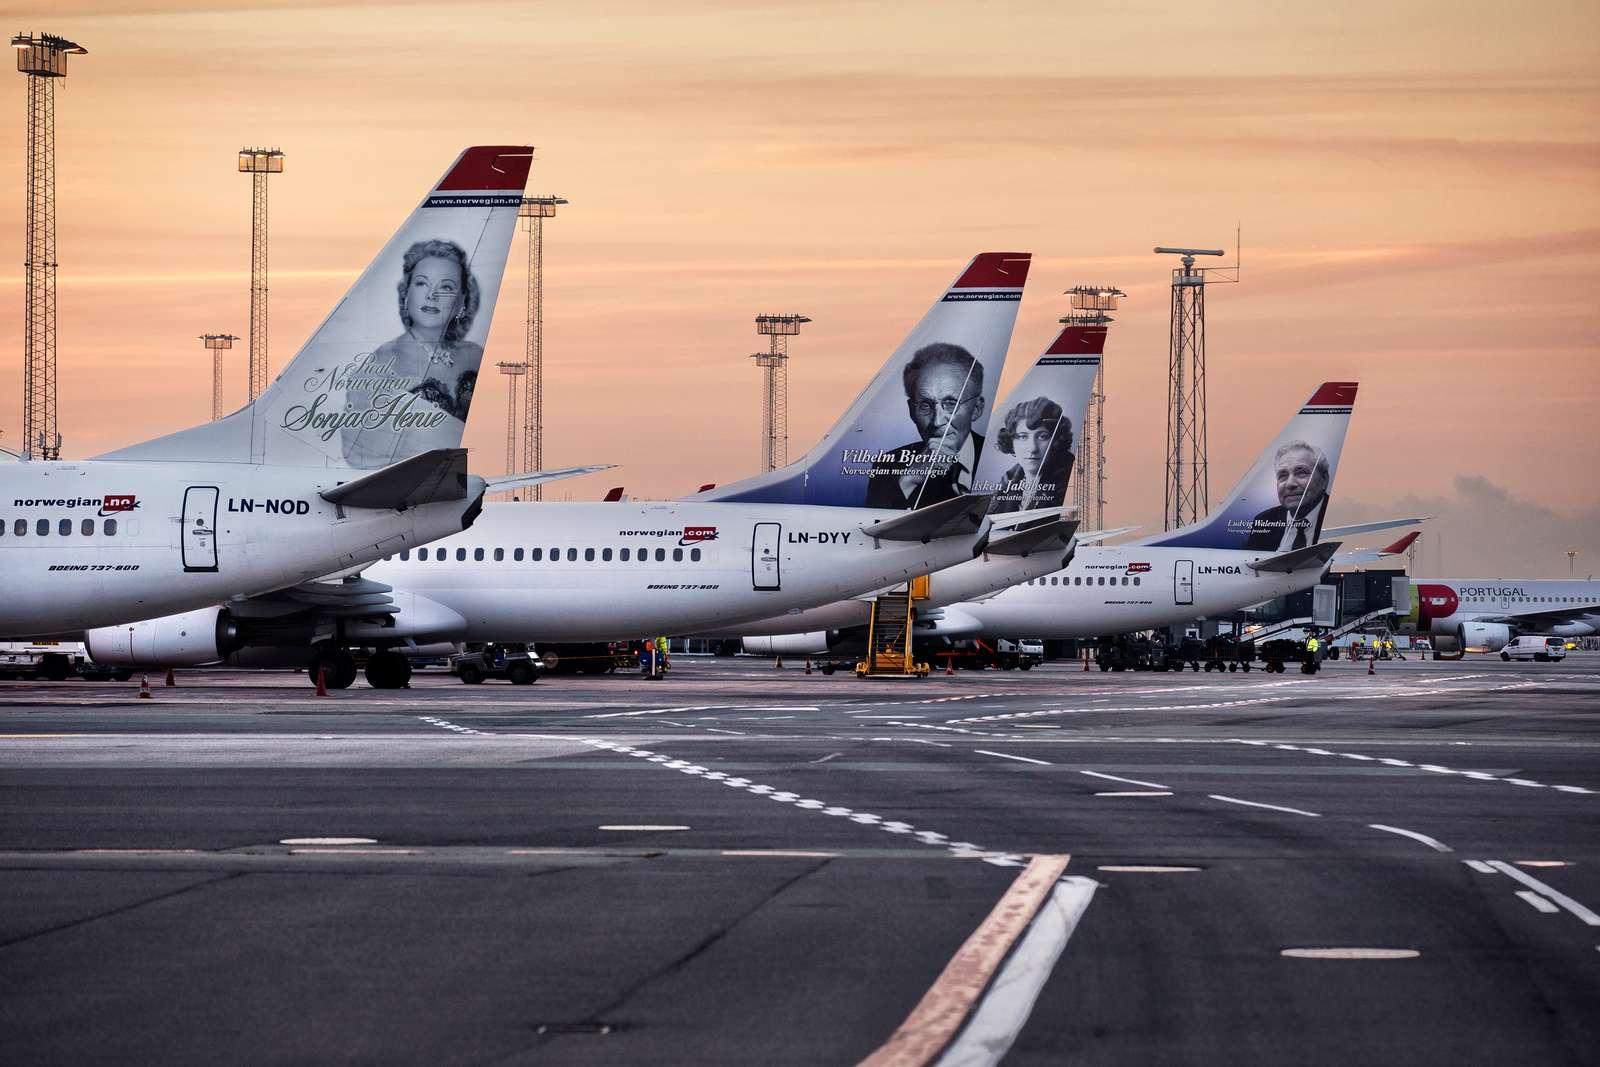 Norwegian er efter SAS næststørste flyselskab i Danmark. Forleden meddelte Europæiske ERV, at rejseforsikringsselskabet ikke ville dække sine danske rejsebureaukunders udgifter efter 14. januar, hvis Norwegian gik konkurs – men nu er parterne på vej mod en løsning. Arkivfoto fra Københavns Lufthavn: Ernst Tobisch.